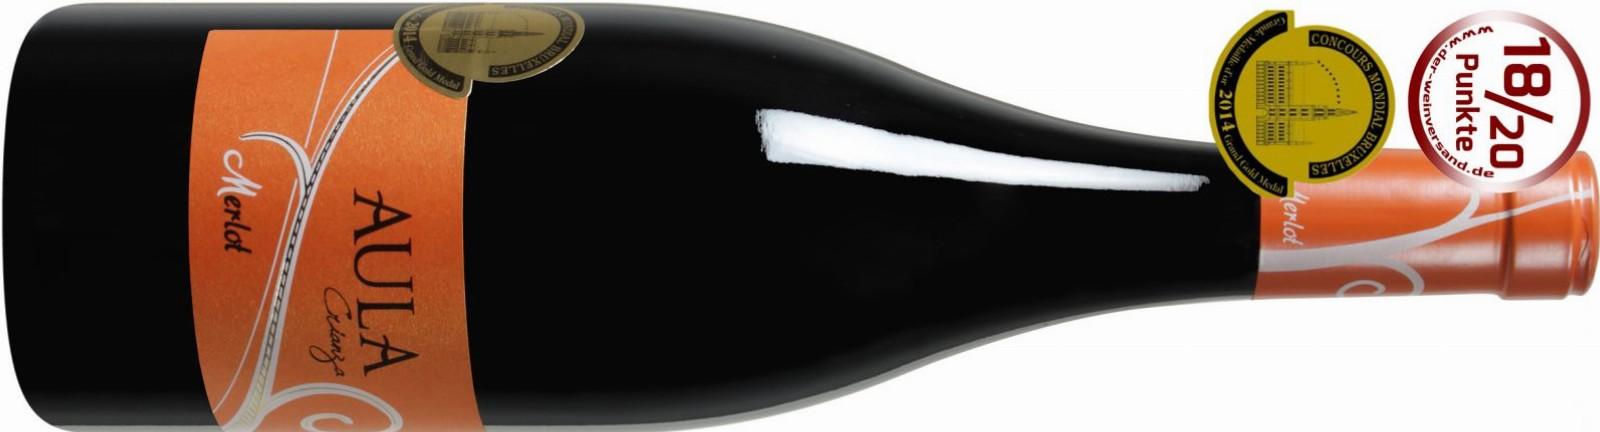 Aula Merlot Crianza 2011 jetzt günstig im Angebot!